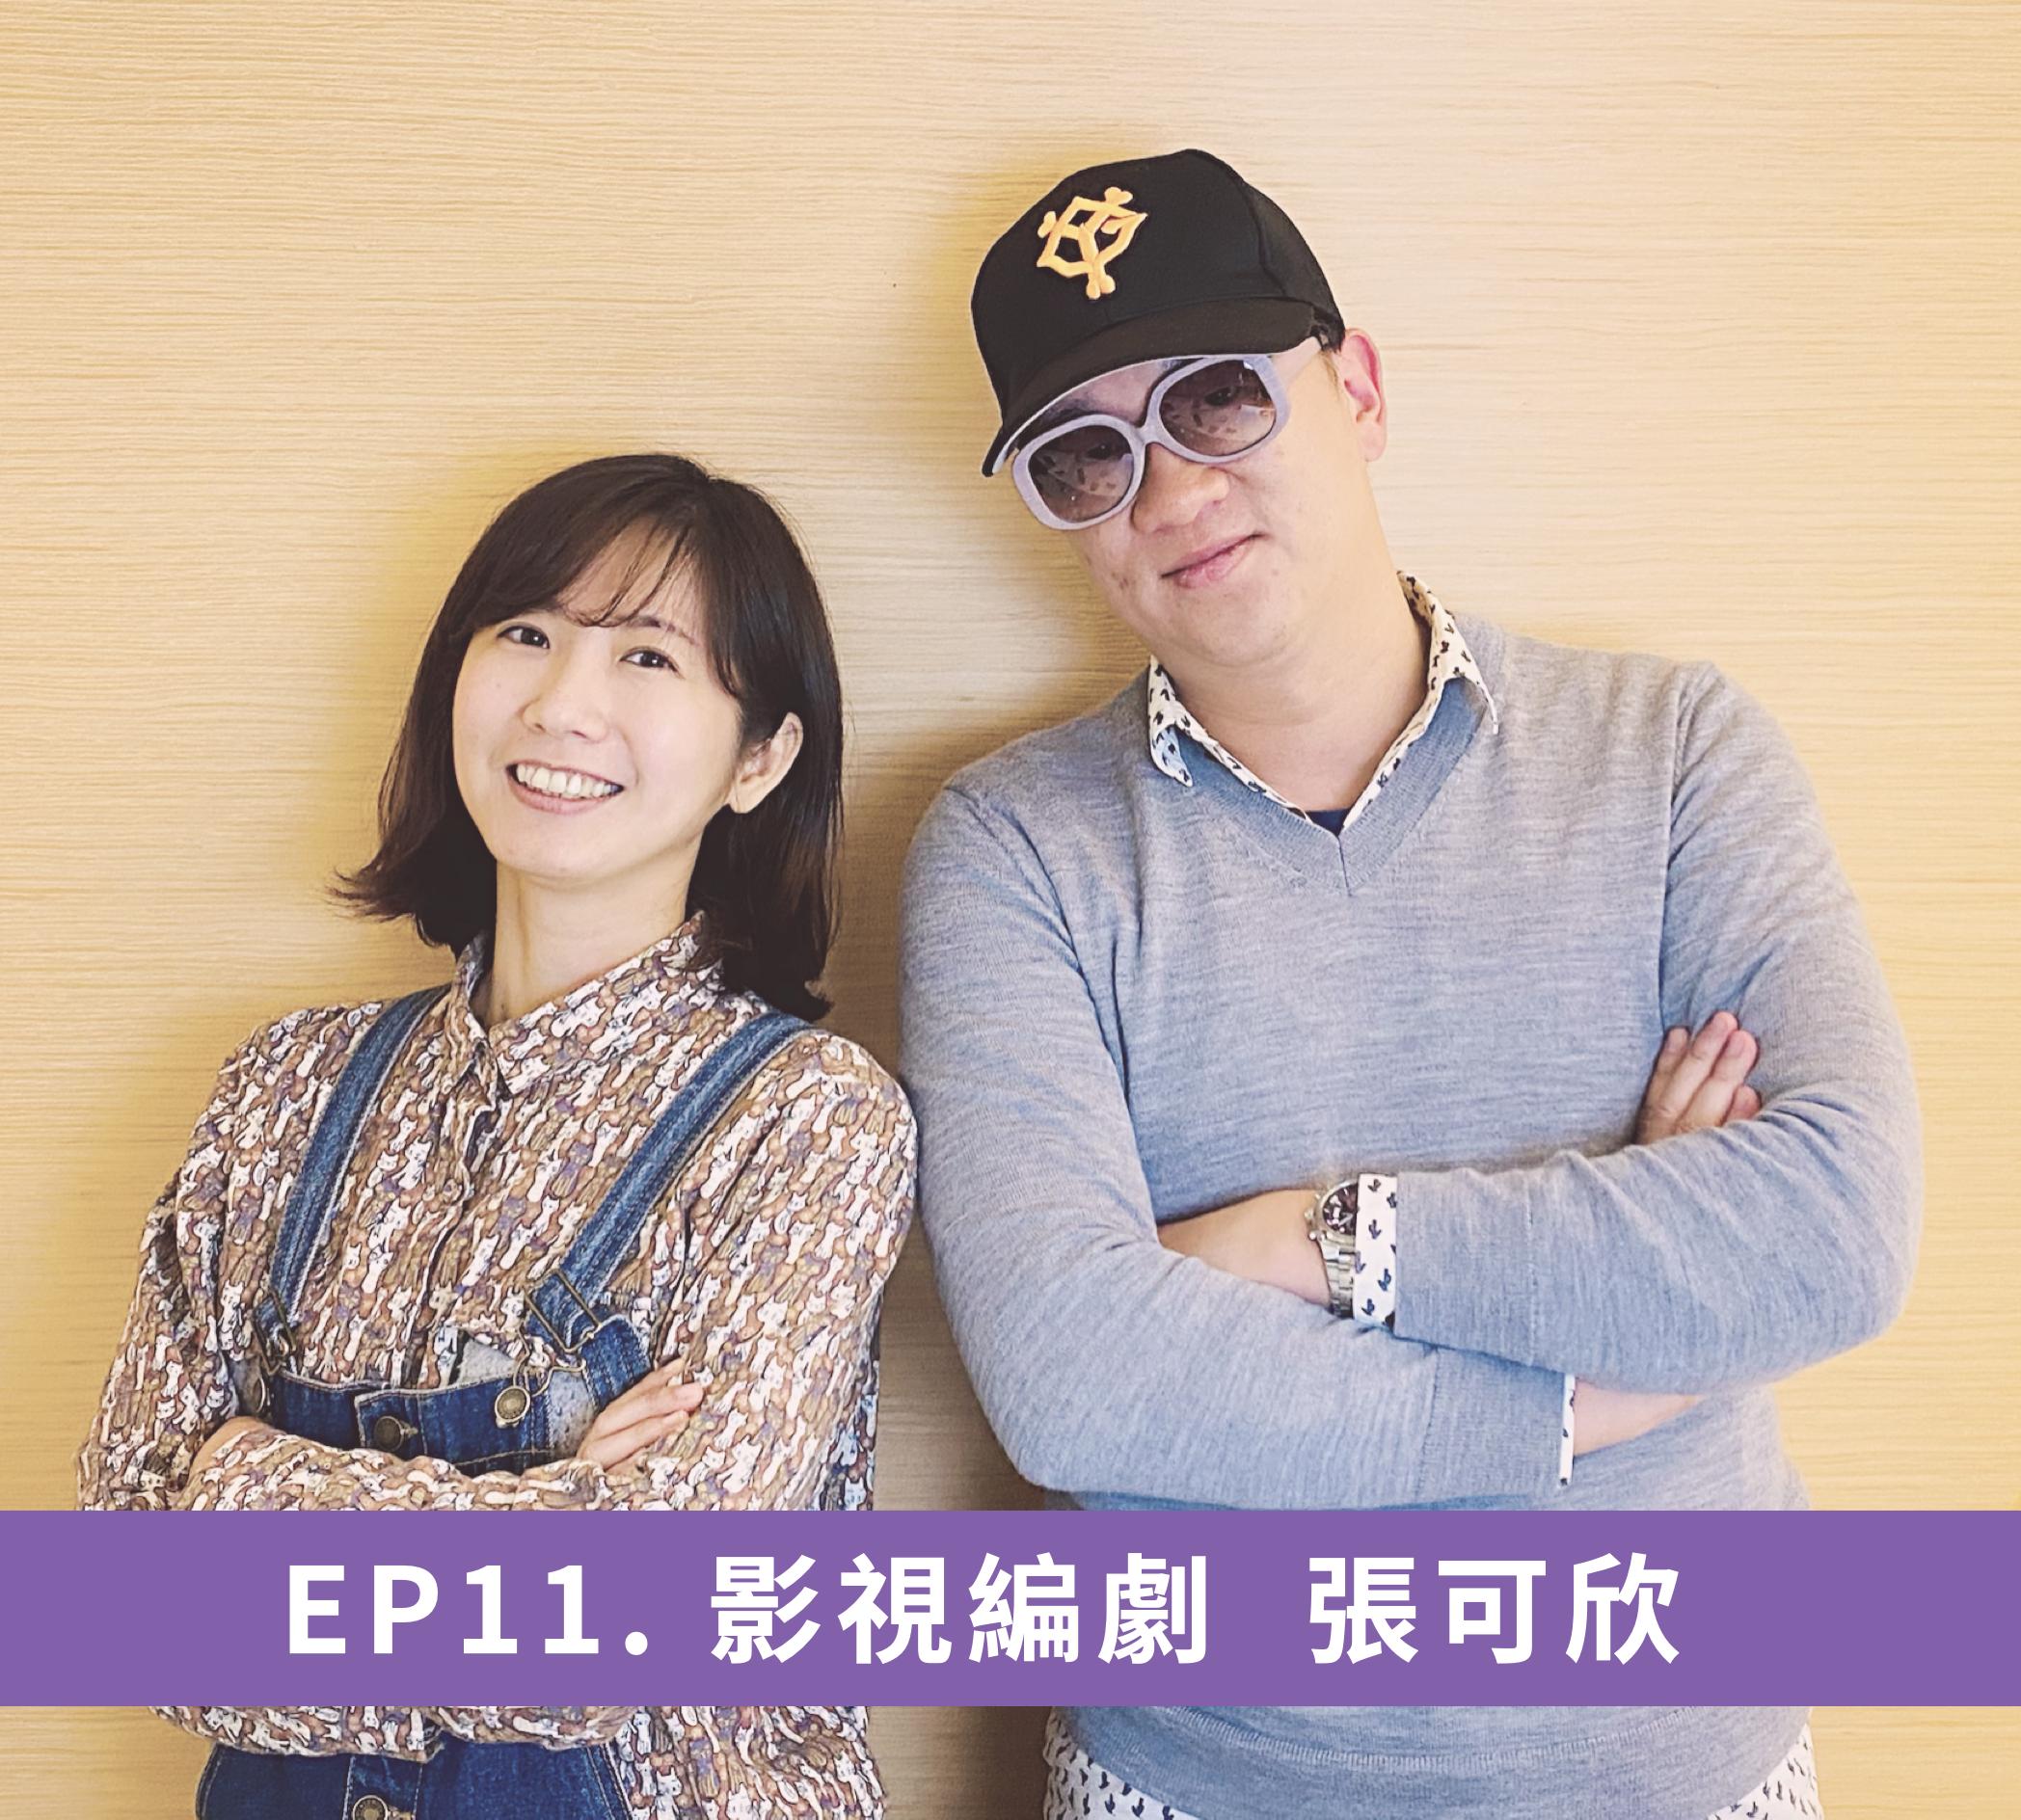 【EP11】Ft.影視編劇 張可欣!從打雜小妹到金鐘編劇!